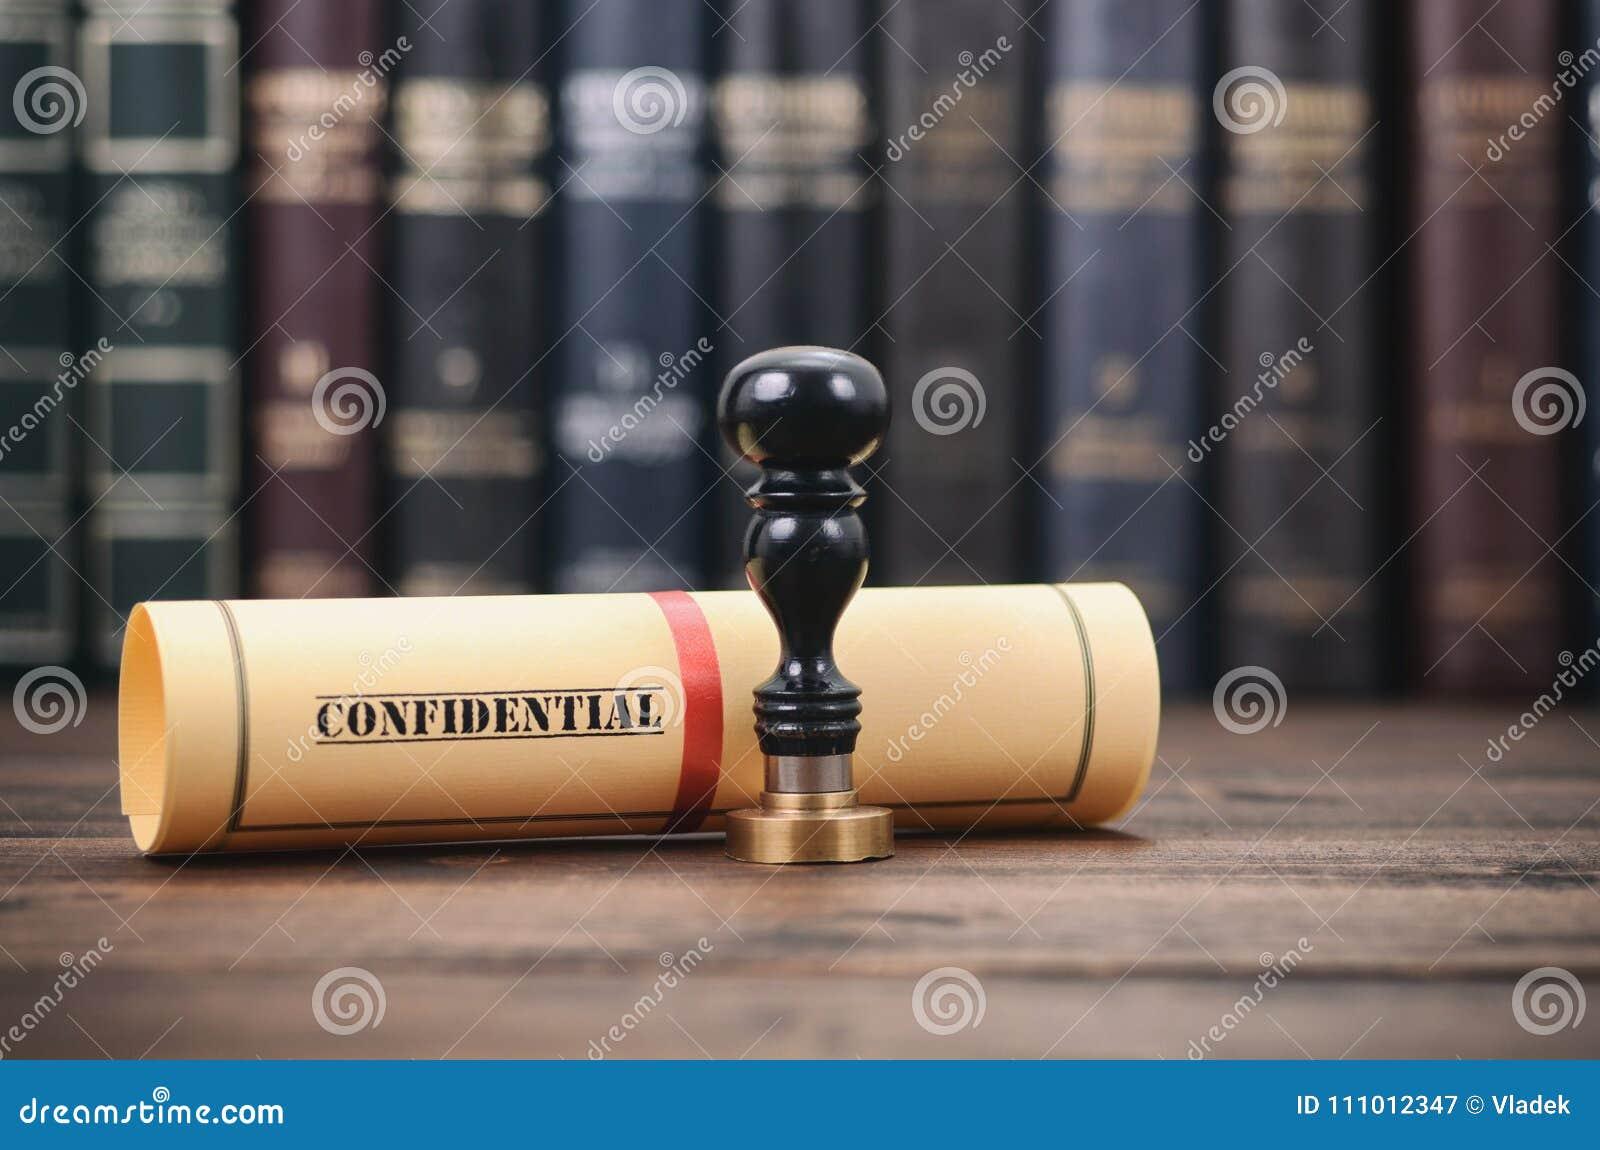 Εμπιστευτικός τύπος σφραγίδων εγγράφων και συμβολαιογράφων στο ξύλινο υπόβαθρο